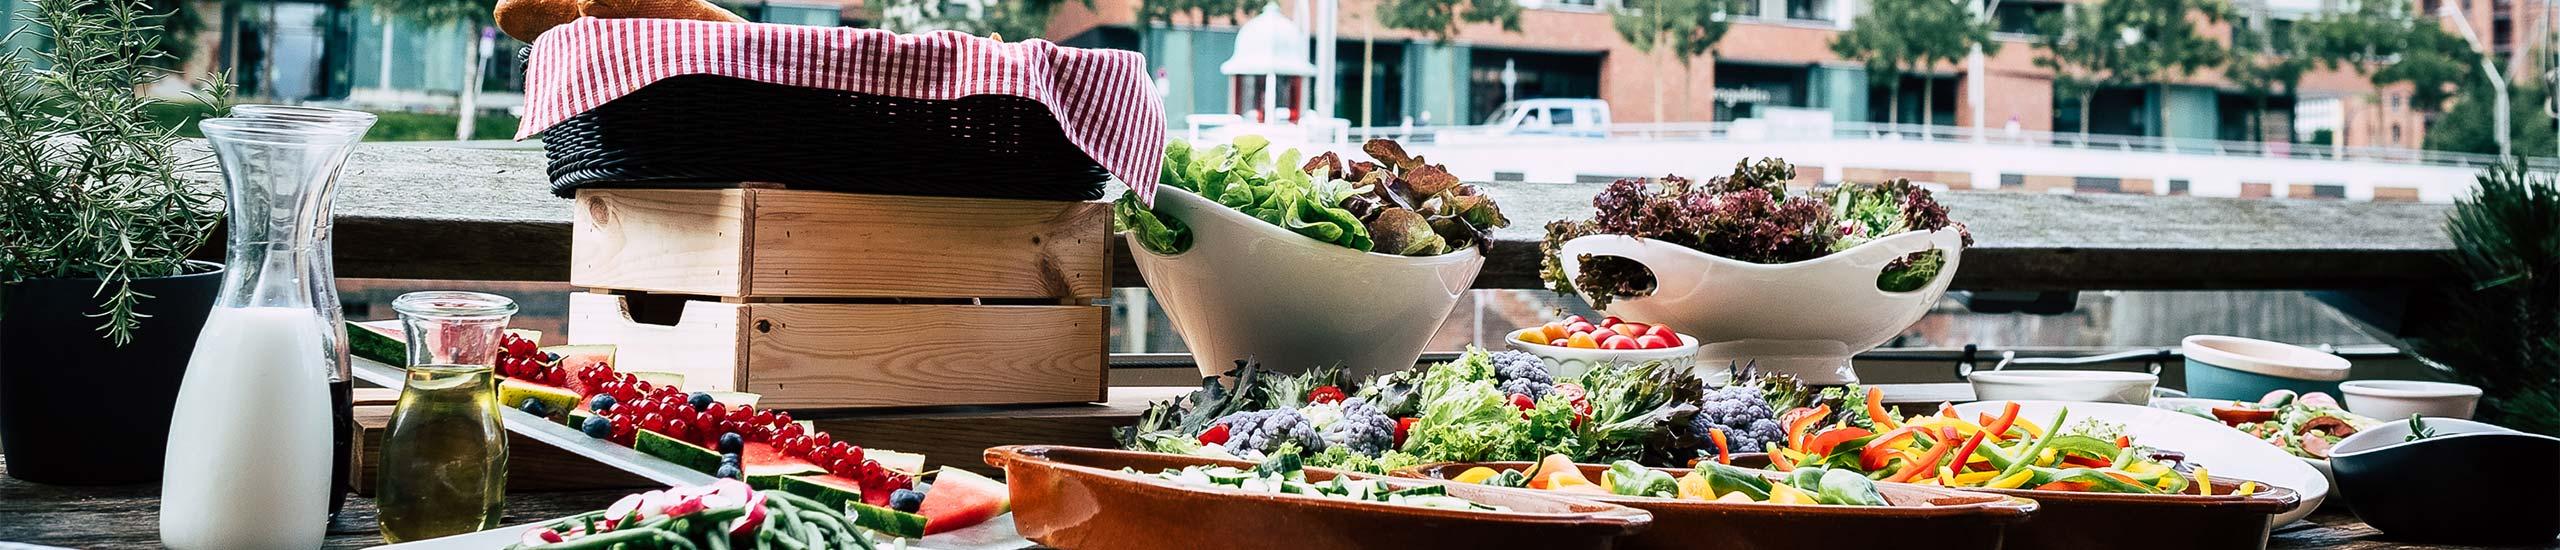 Brunch Tisch mit Salate, Obst und Brot